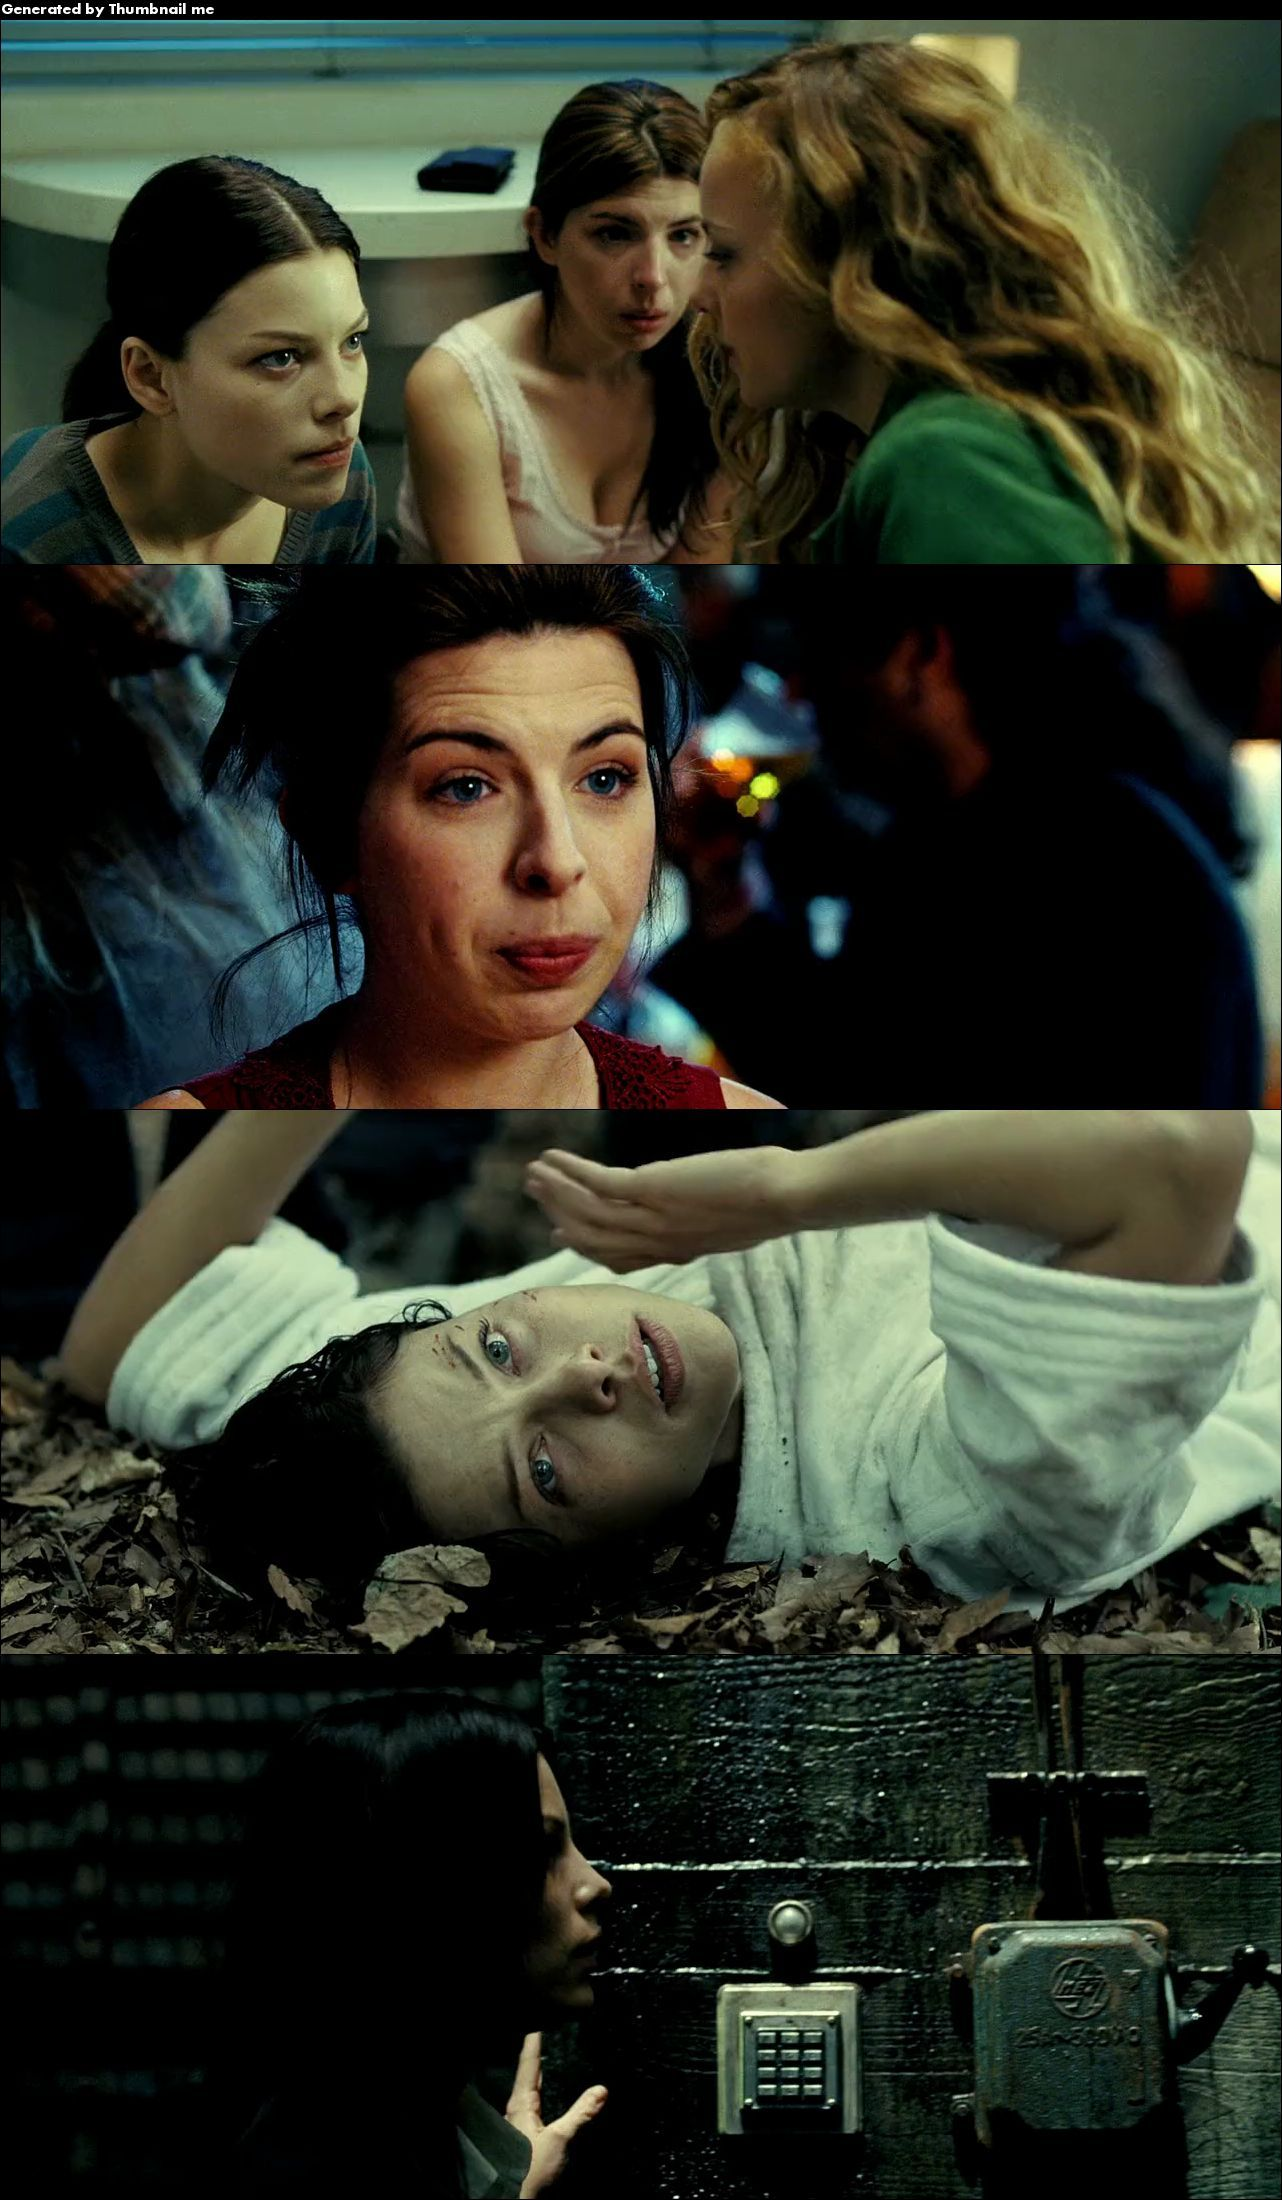 Otel 2 - Hostel: Part II (2007) hd türkçe dublaj film indir